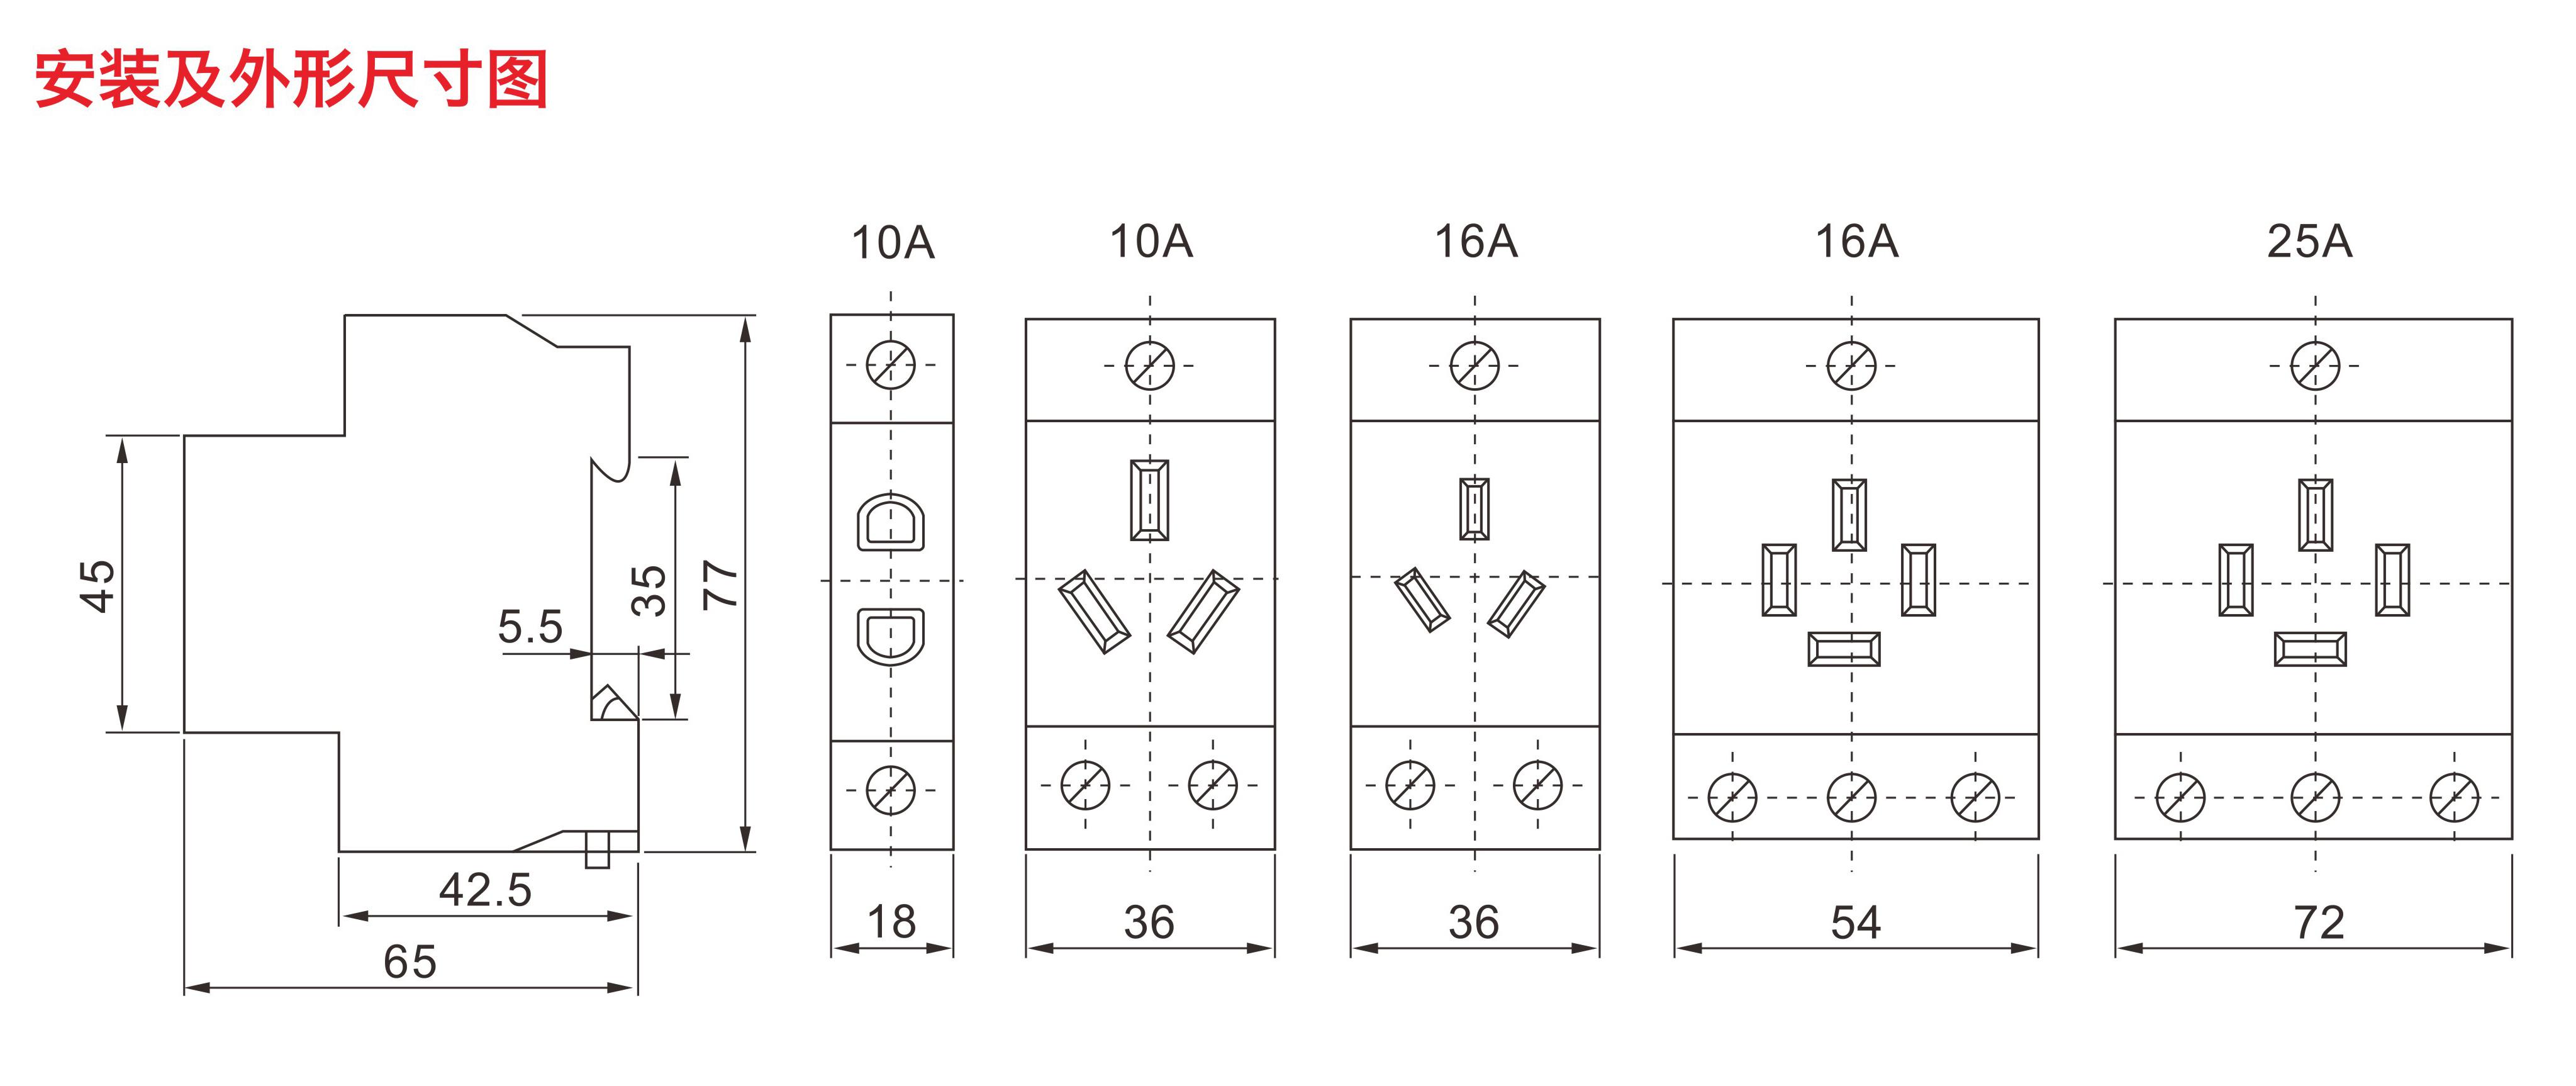 交流50/60hz,电流至25a的负载电路中,与终端电器组合配套,广泛用于